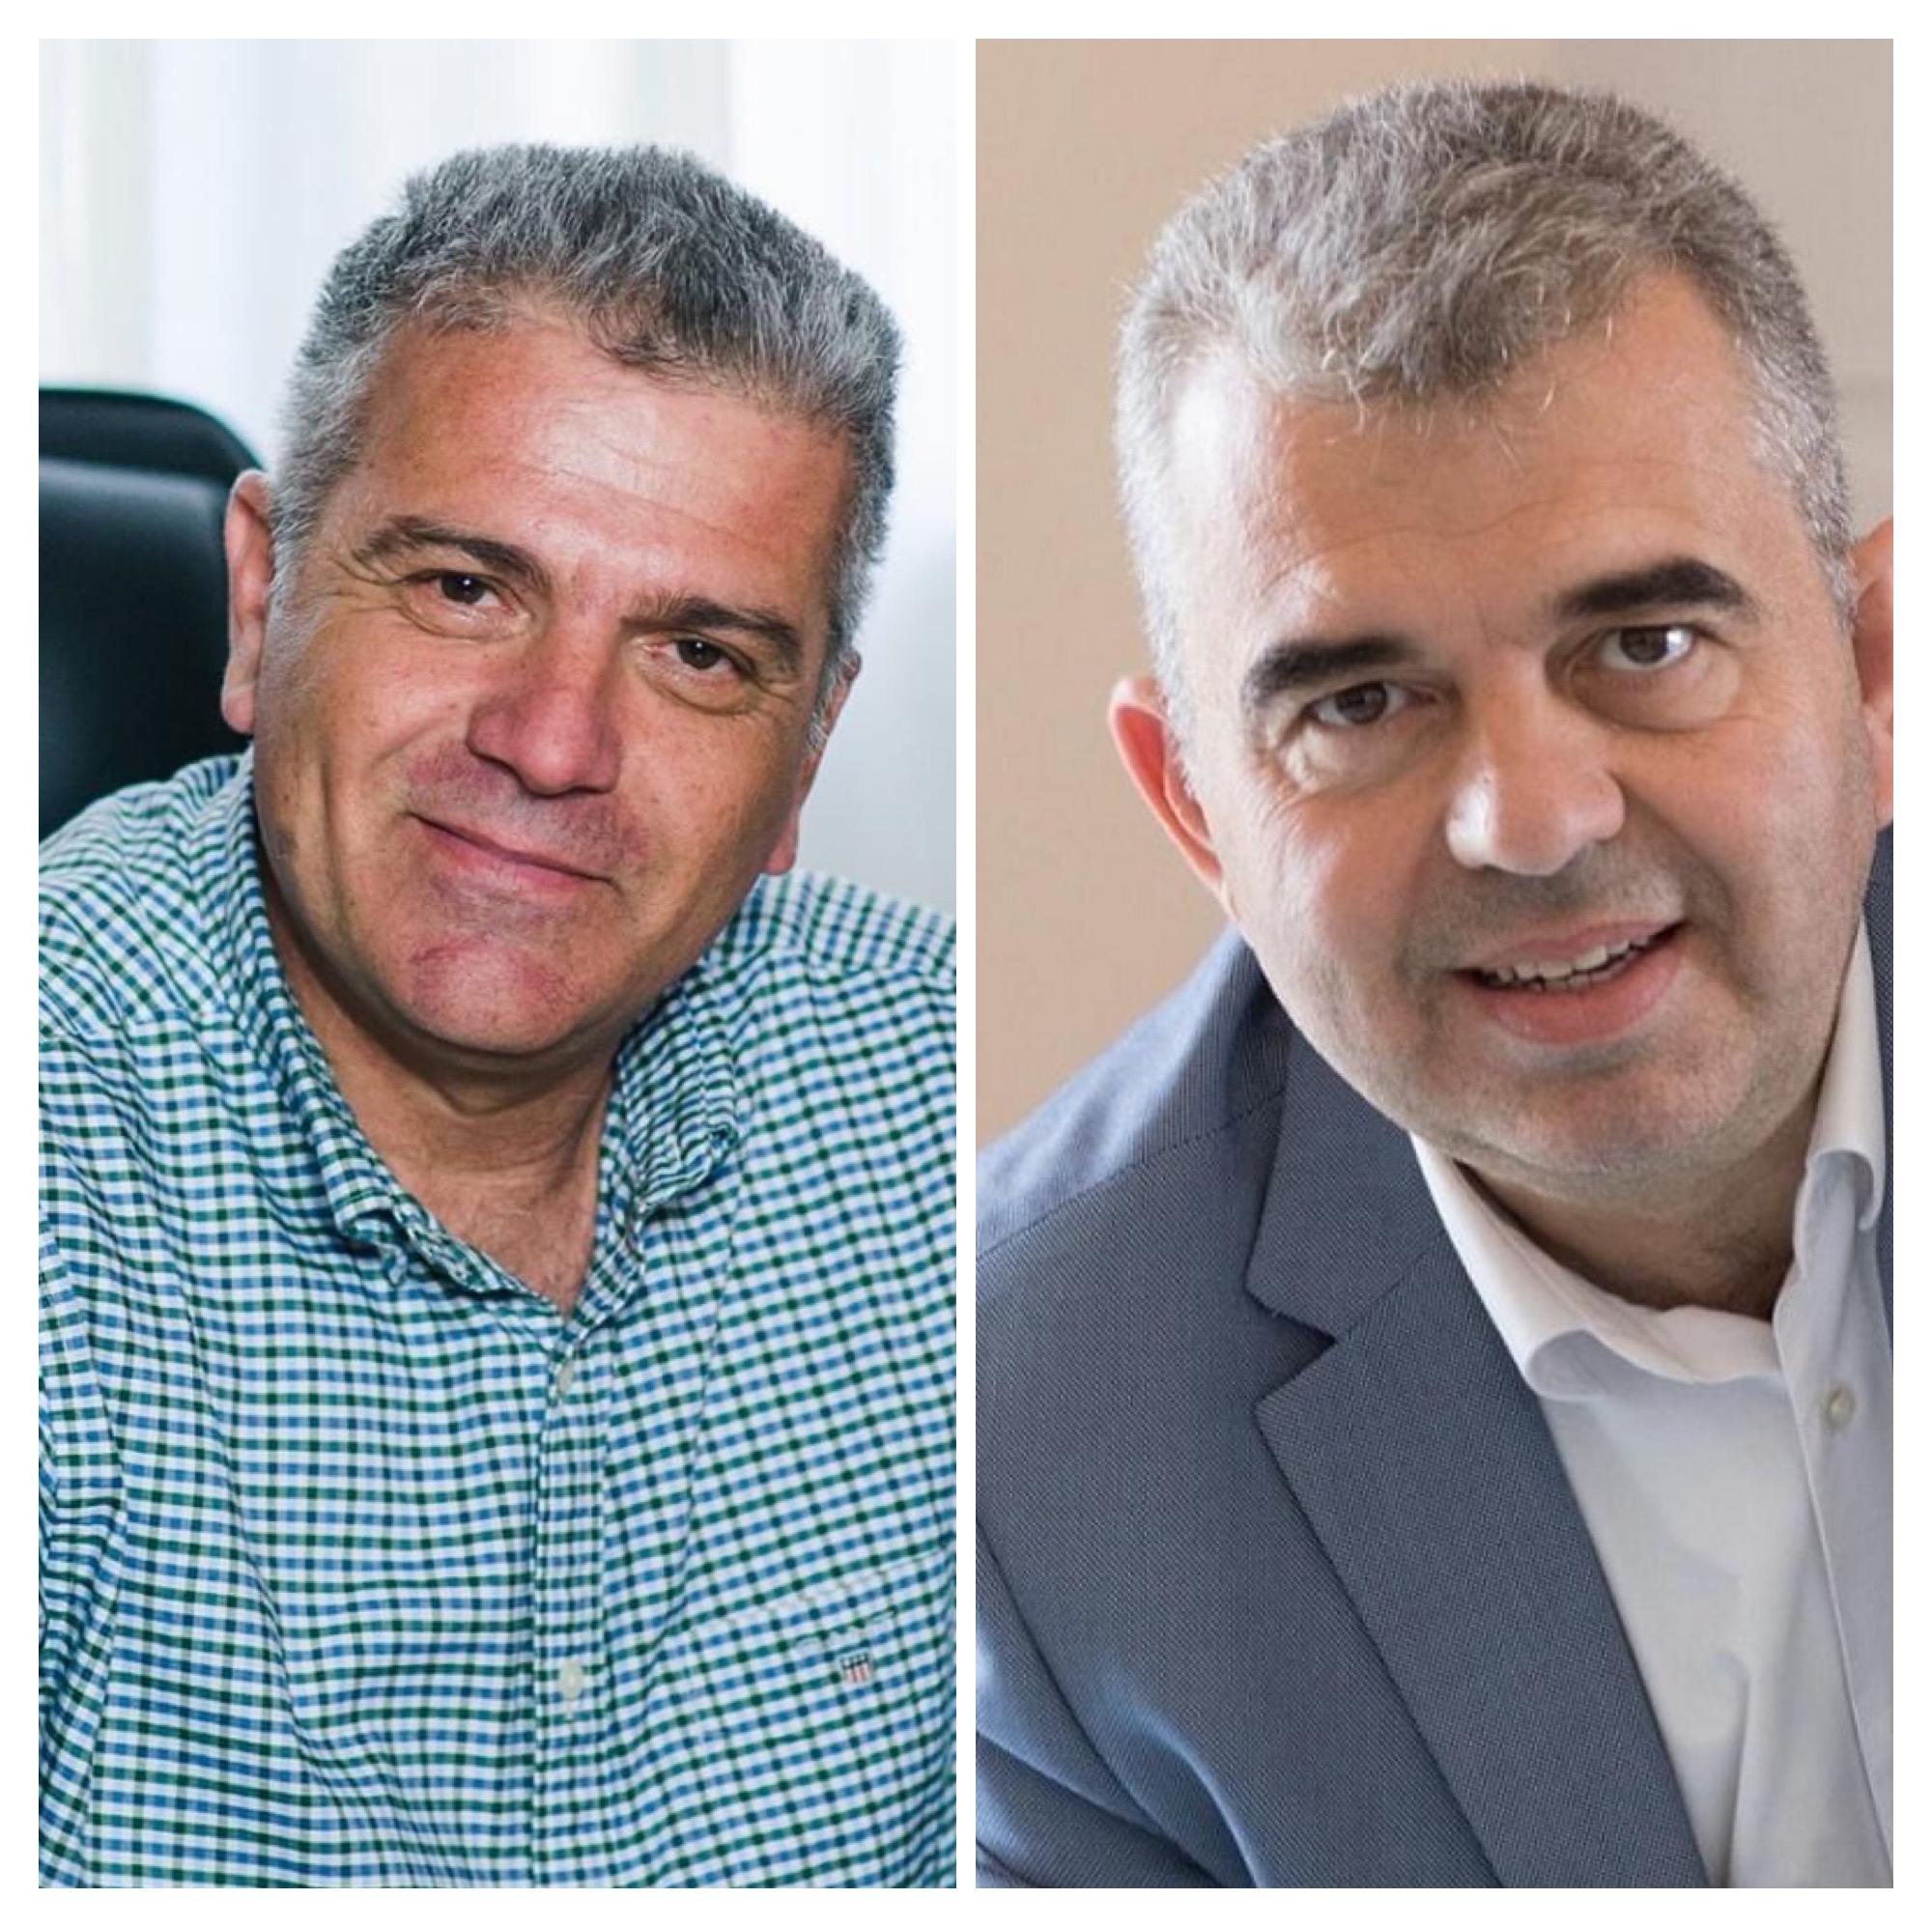 Τυχαίο ότι δύο επιτυχημένοι δήμαρχοι της Εύβοιας έχουν γενέθλια την ίδια ημέρα;